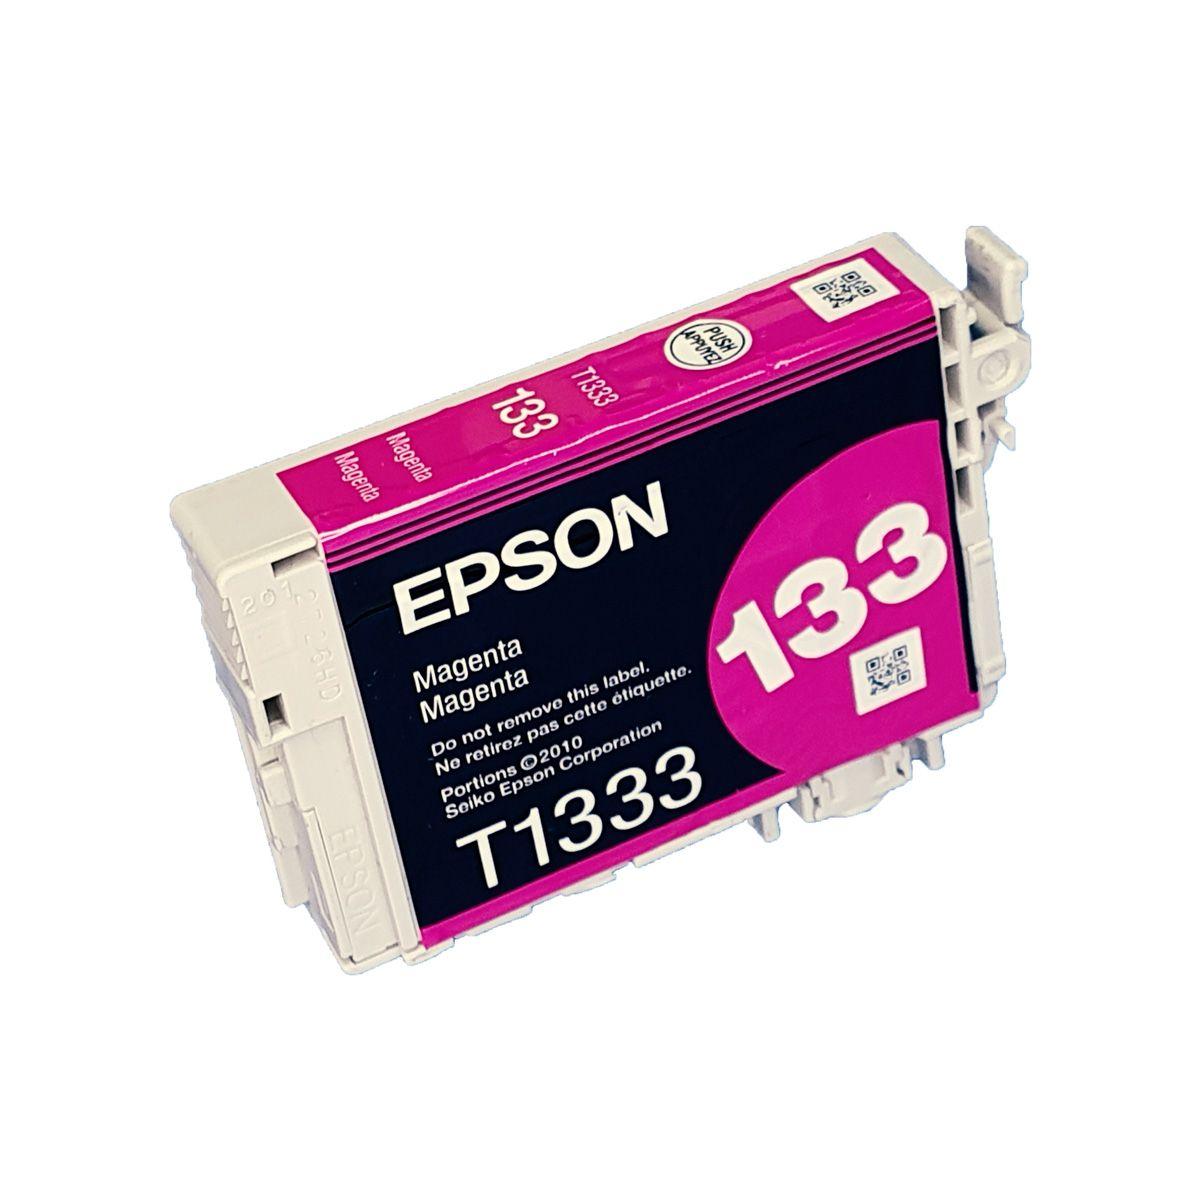 Cartucho EPSON T1333 133 Magenta para TX120 TX123 TX125 TX133 TX135